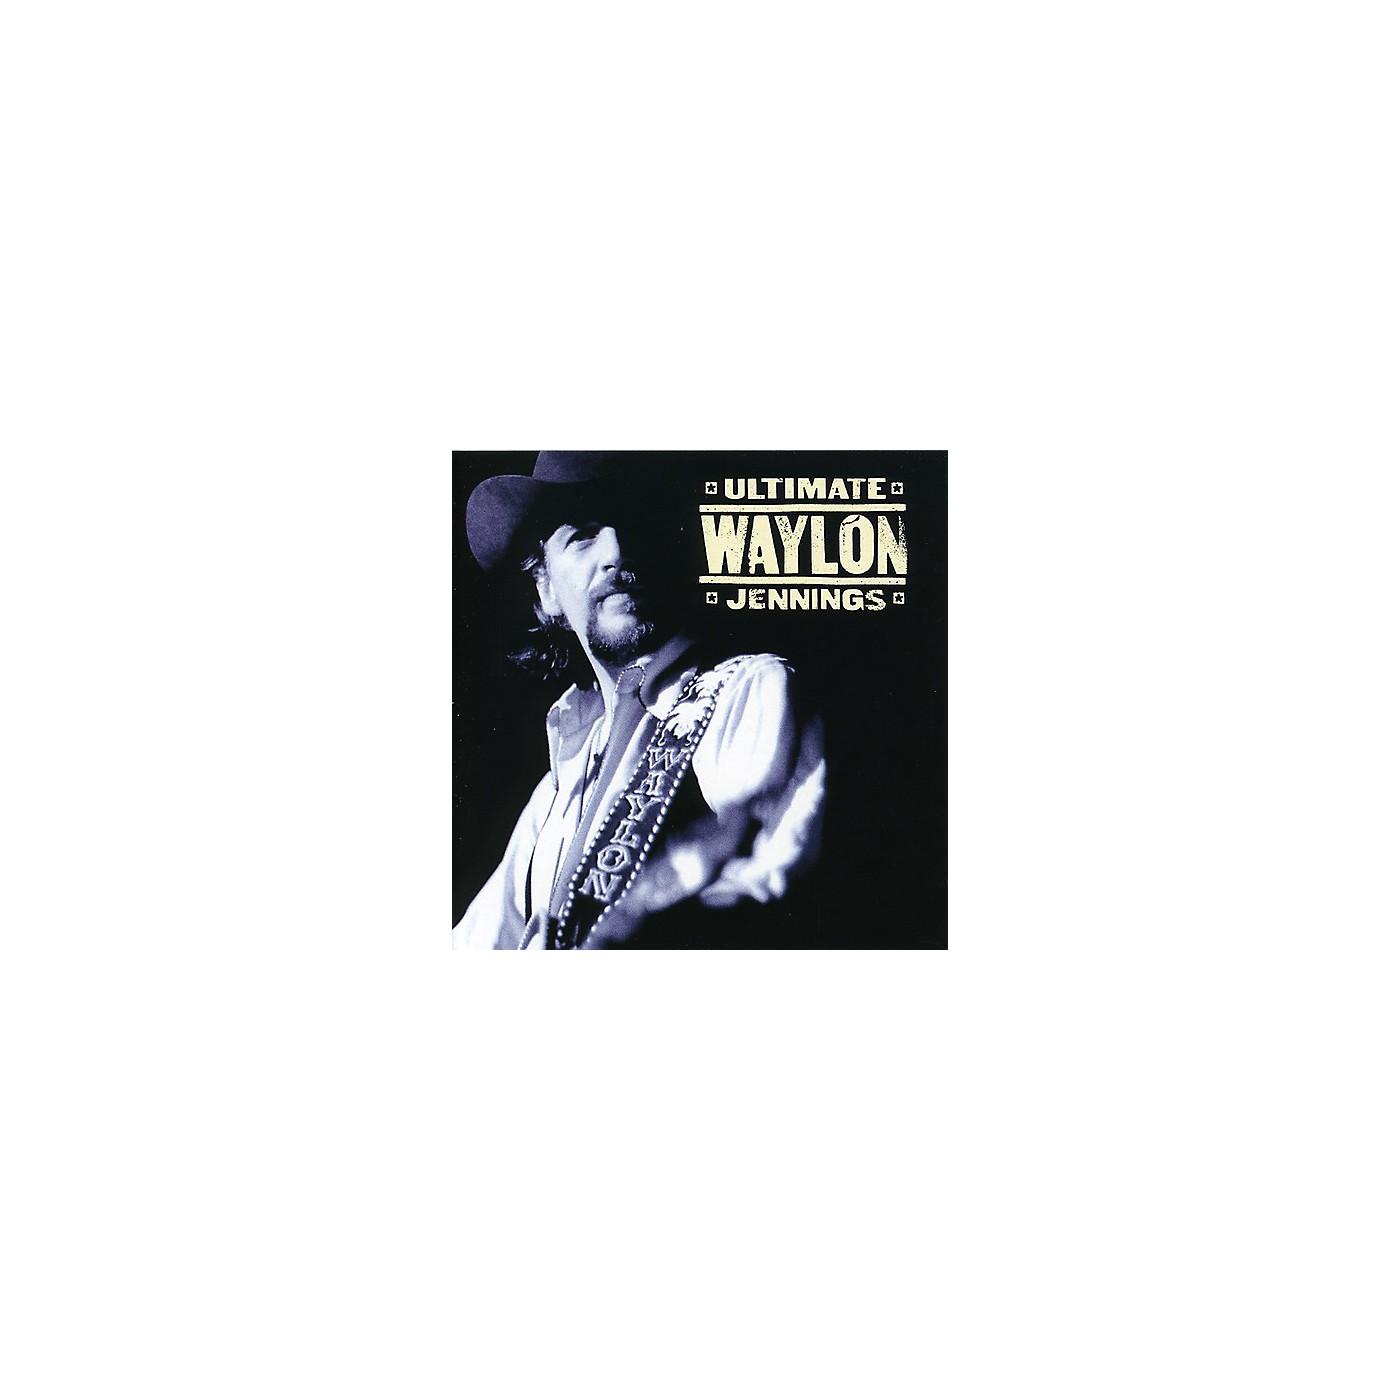 Alliance Waylon Jennings - Ultimate Waylon Jennings (CD) thumbnail